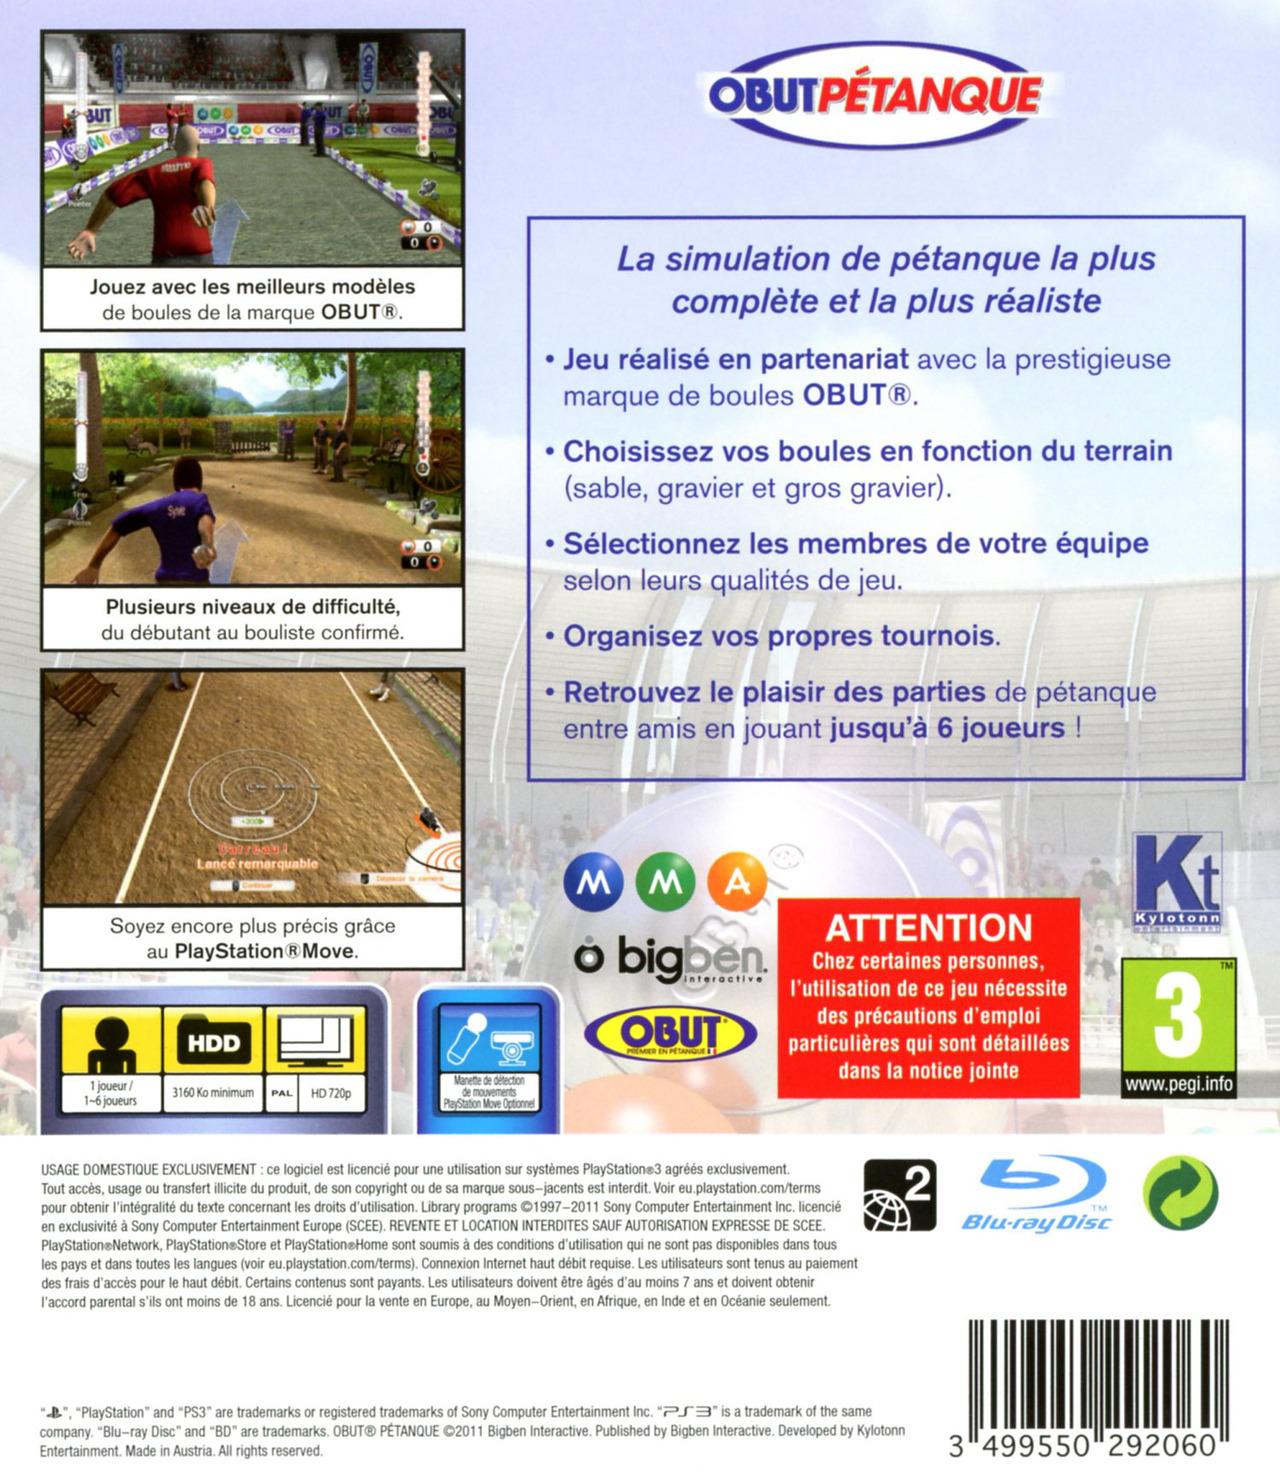 jeuxvideo.com Obut Pétanque - PlayStation 3 Image 2 sur 58